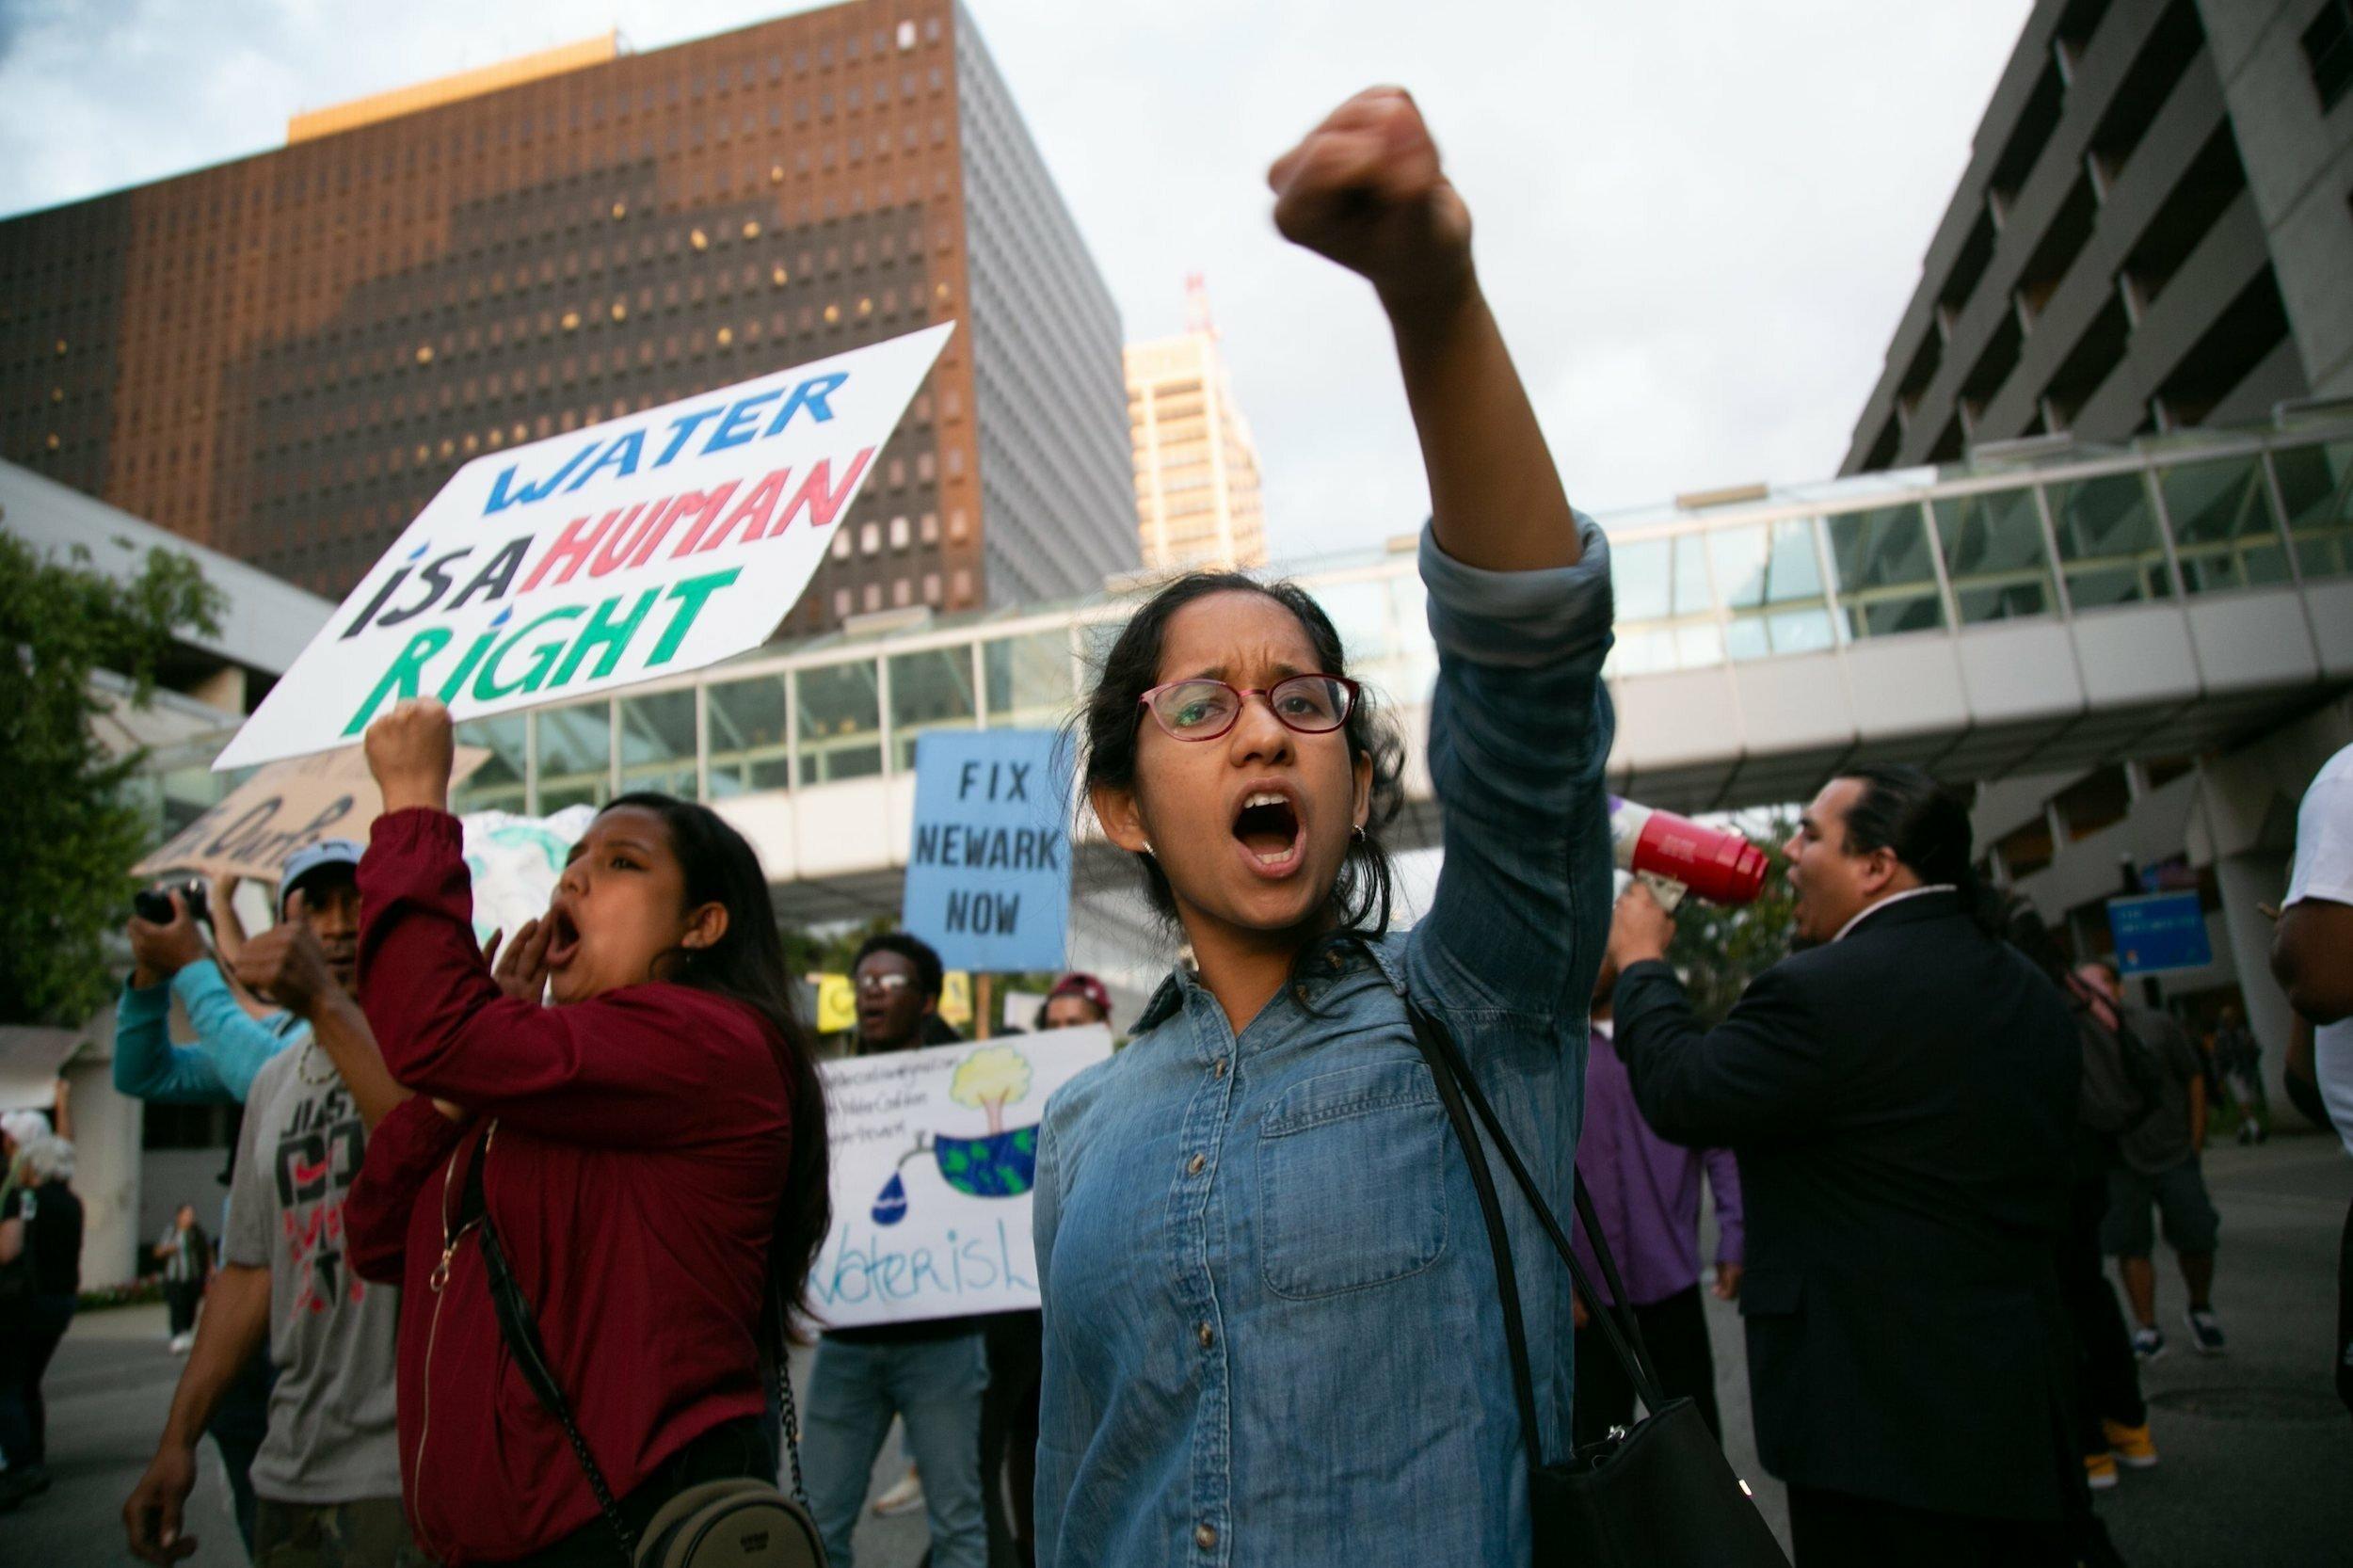 """Eine junge Demonstrantin reckt die Faust in die Höhe, während neben ihr eine Frau ein Schild mit der Aufschrift """"Water is a human right"""" in die Höhe hält."""